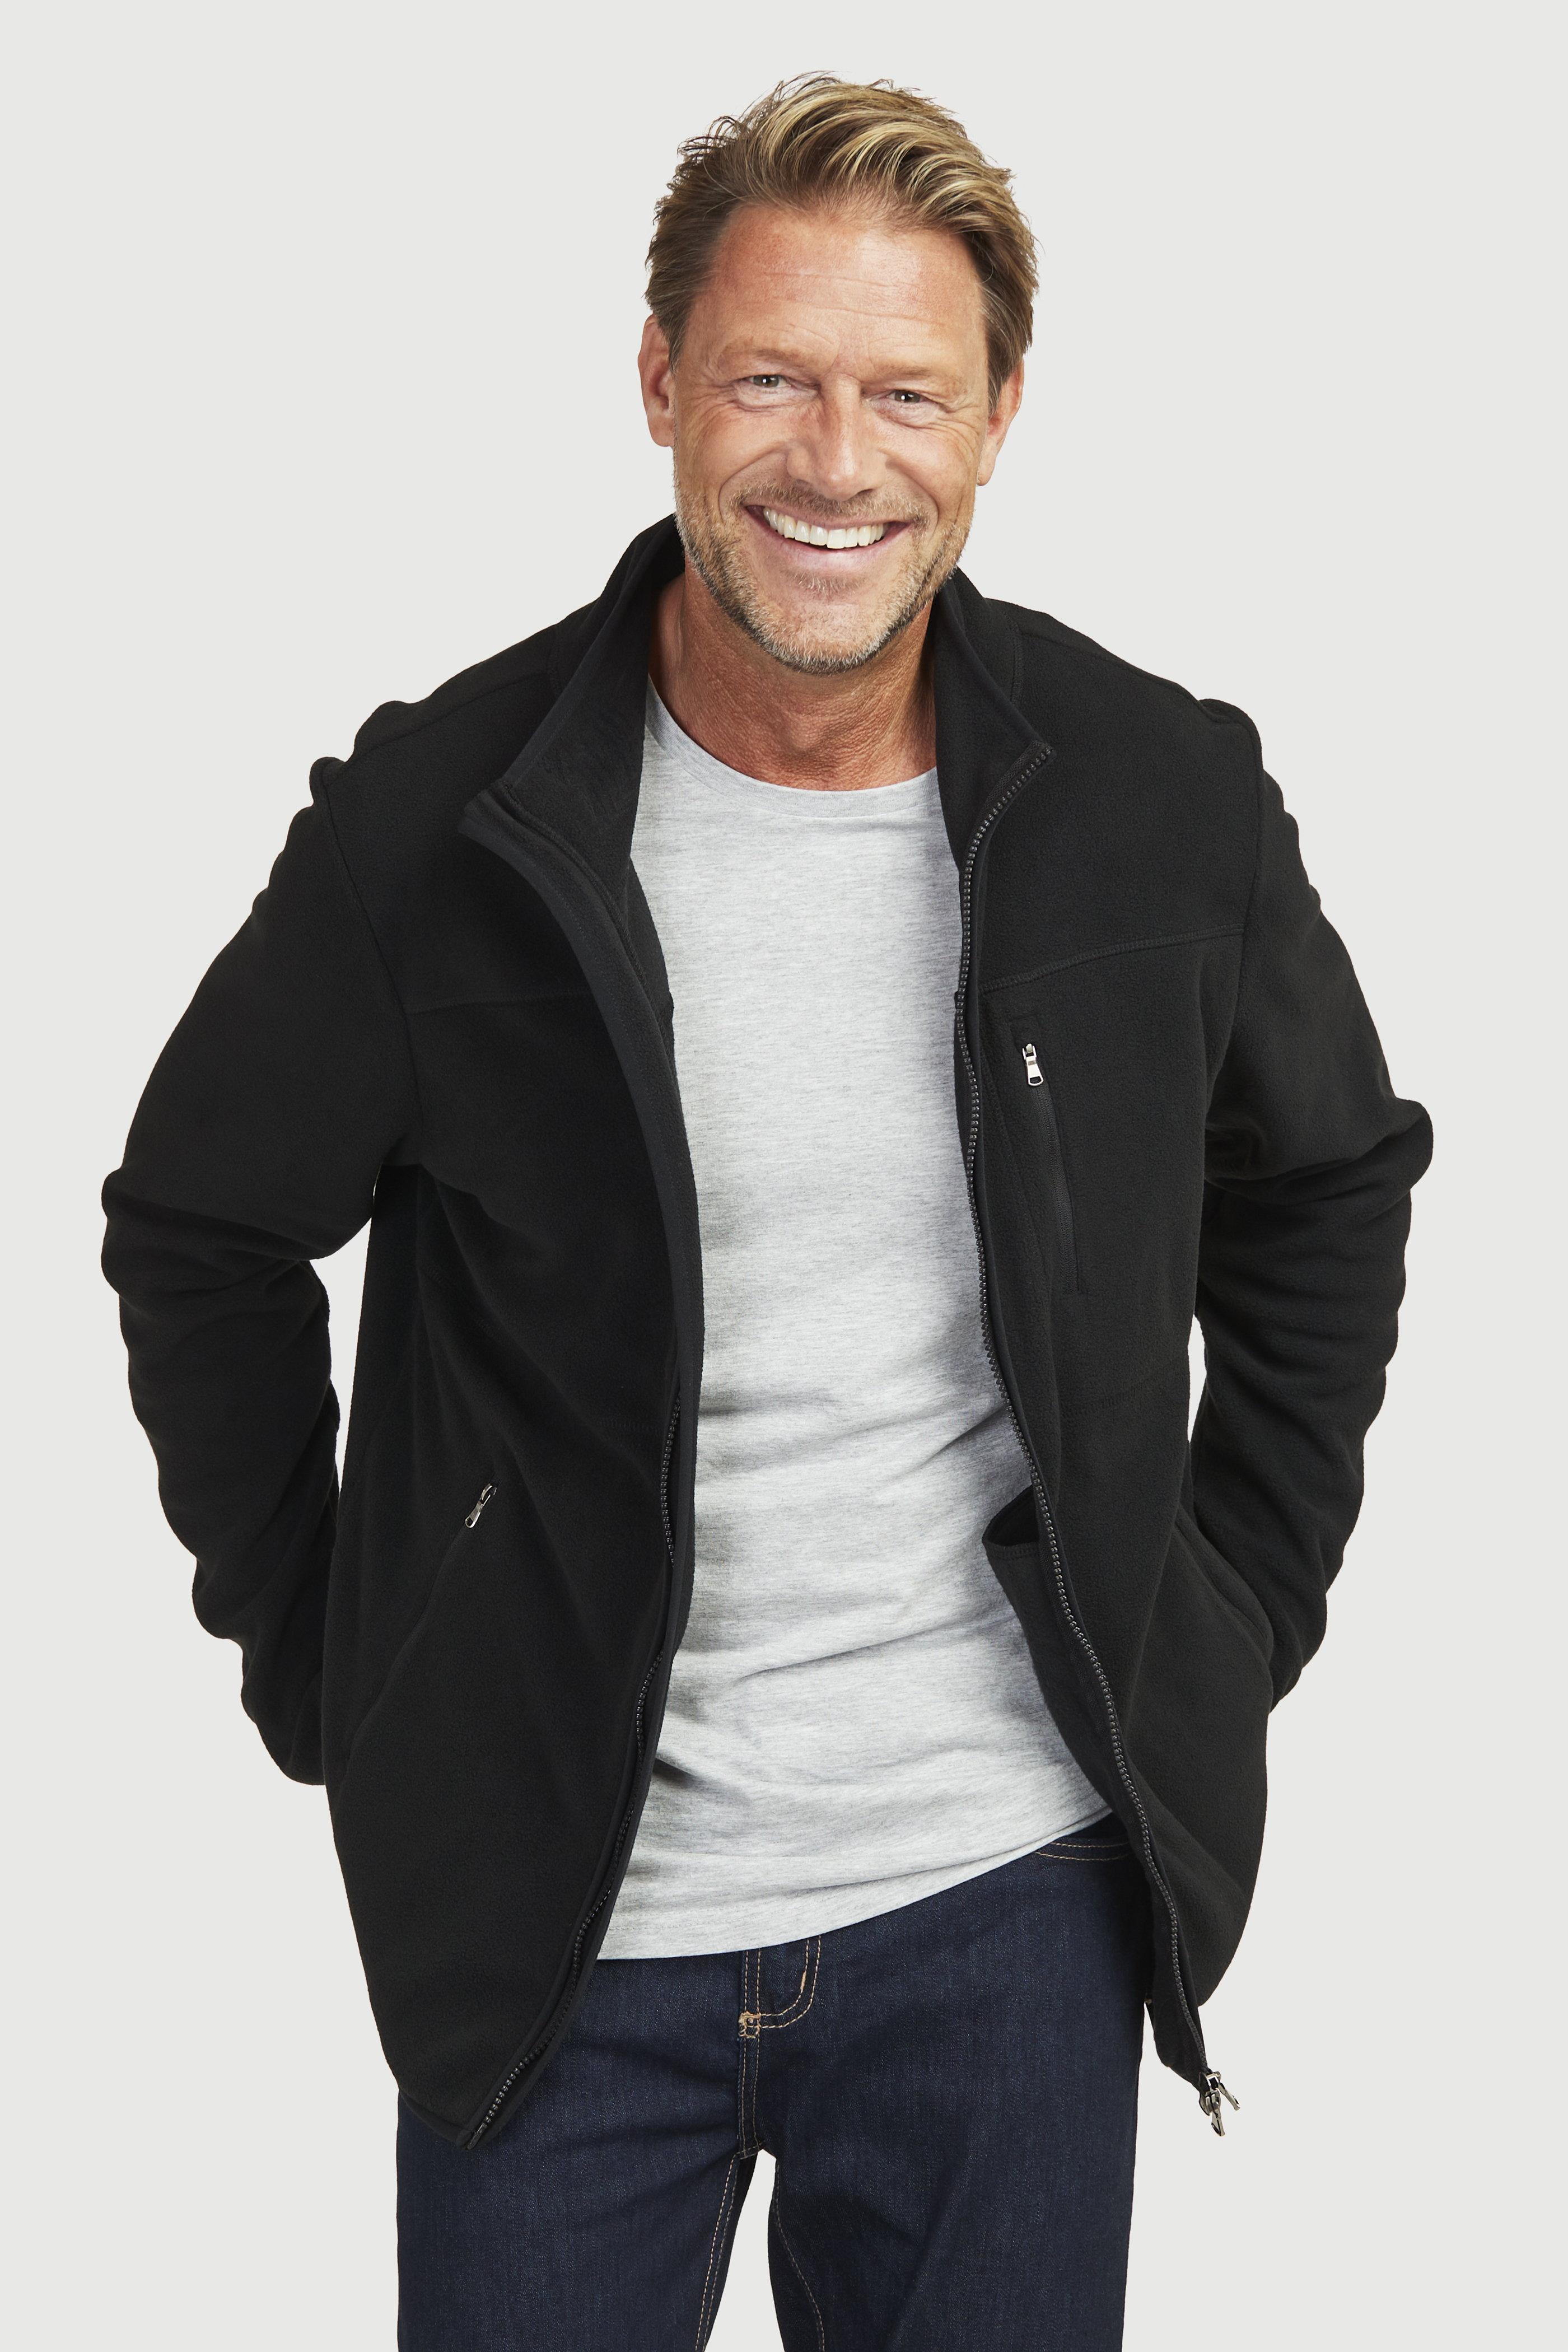 Flaušová bunda s kapsami více a jednolitou barvou